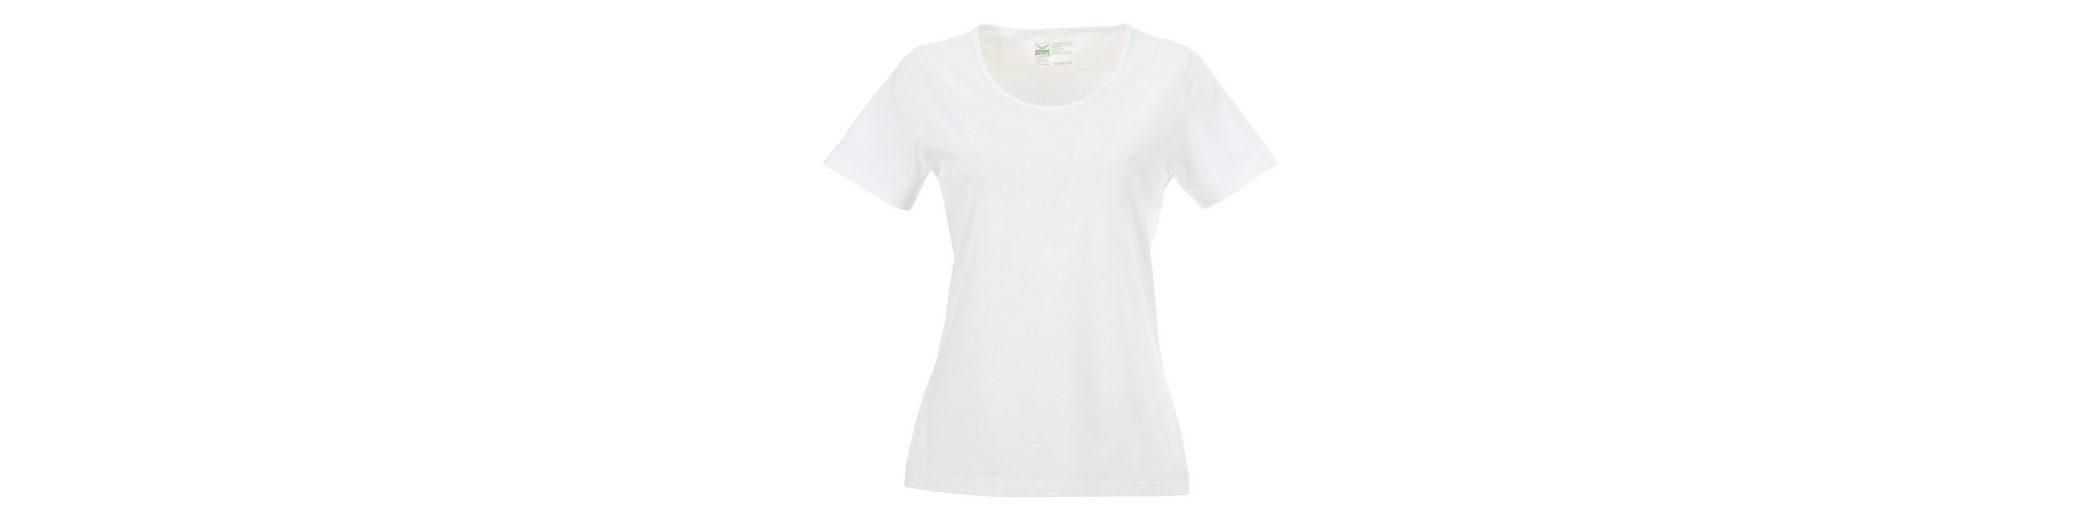 TRIGEMA TRIGEMA T Biobaumwolle aus Shirt T Yn7Yr8Twq